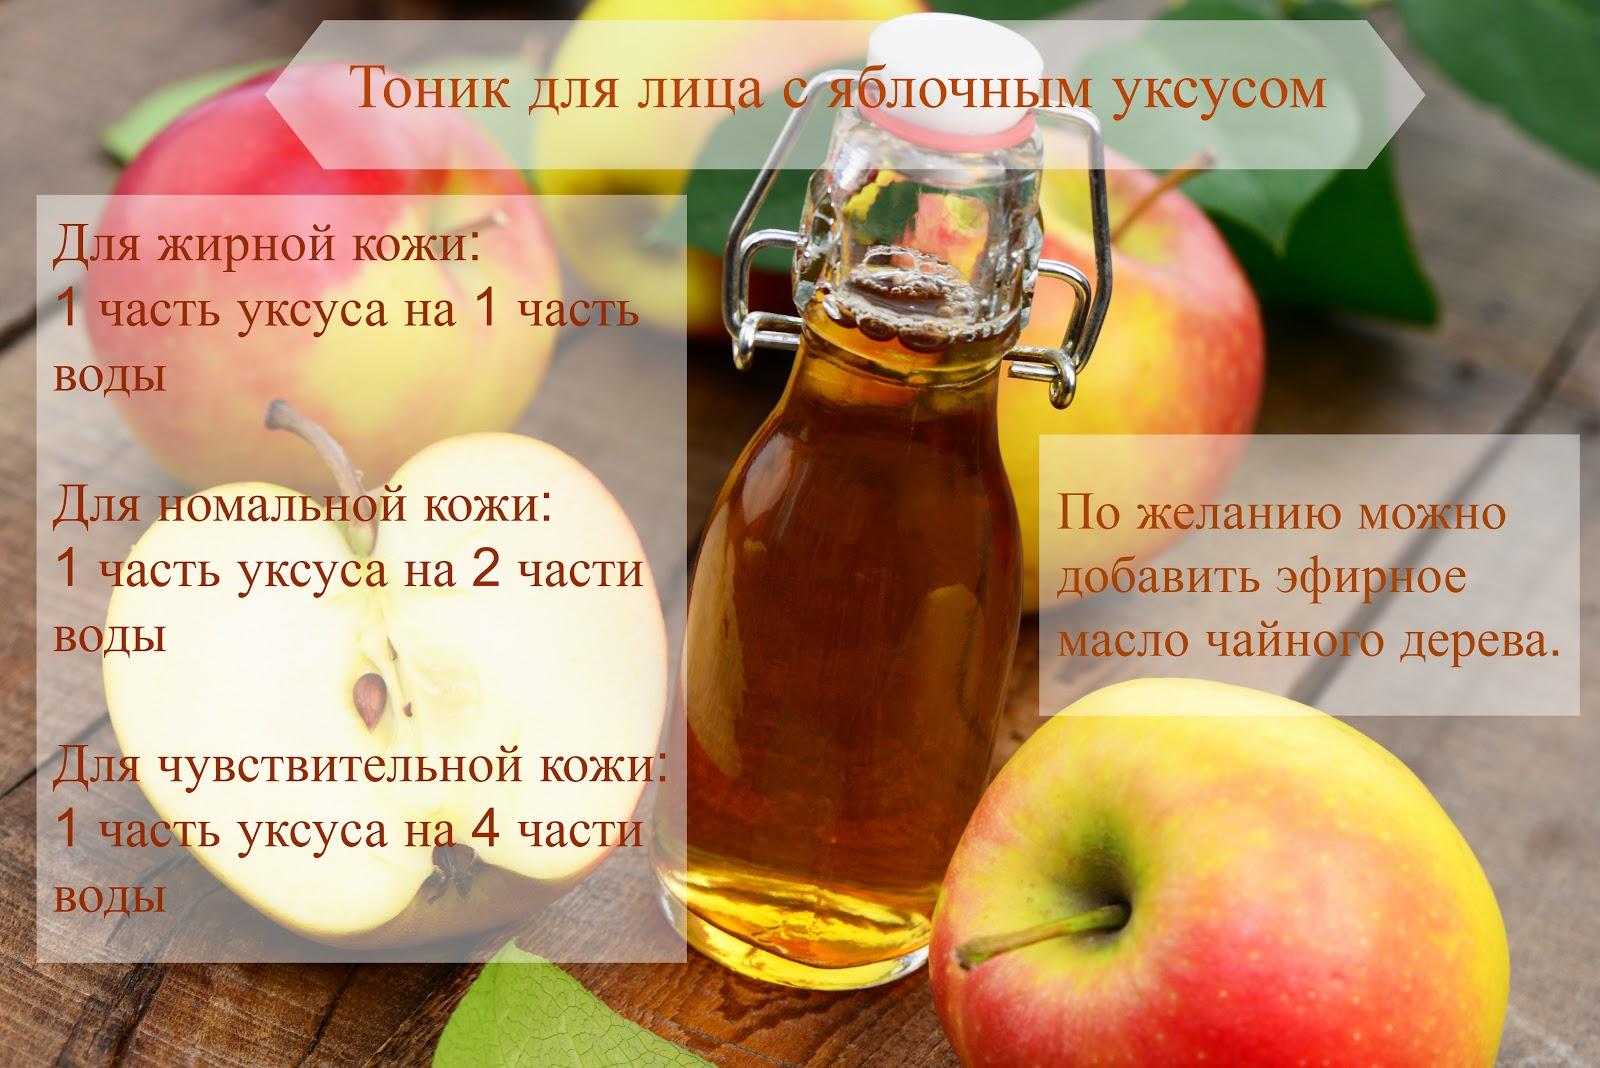 Уксусная Диета Для Похудения Рецепт.